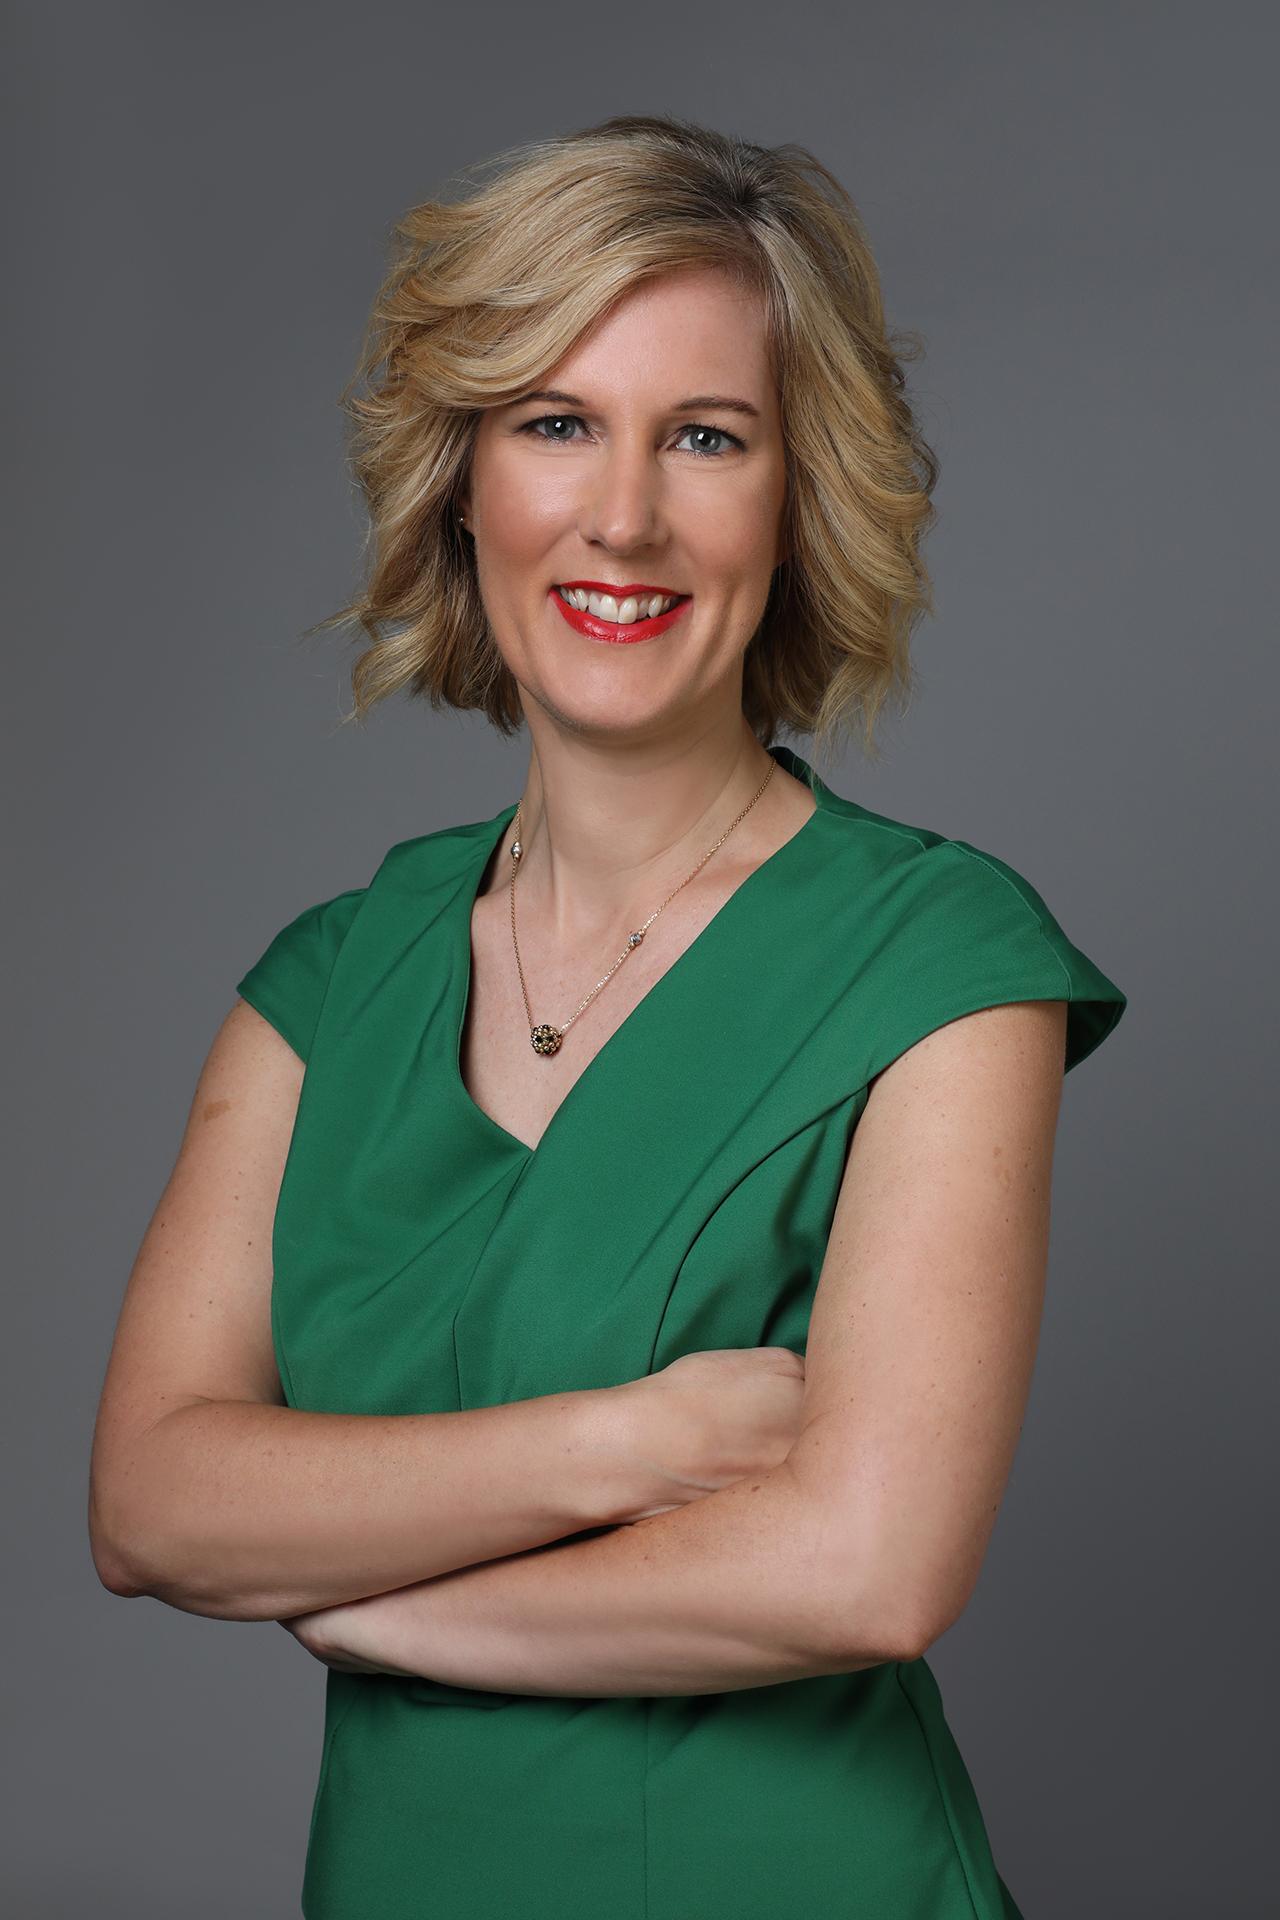 Allison Wicks